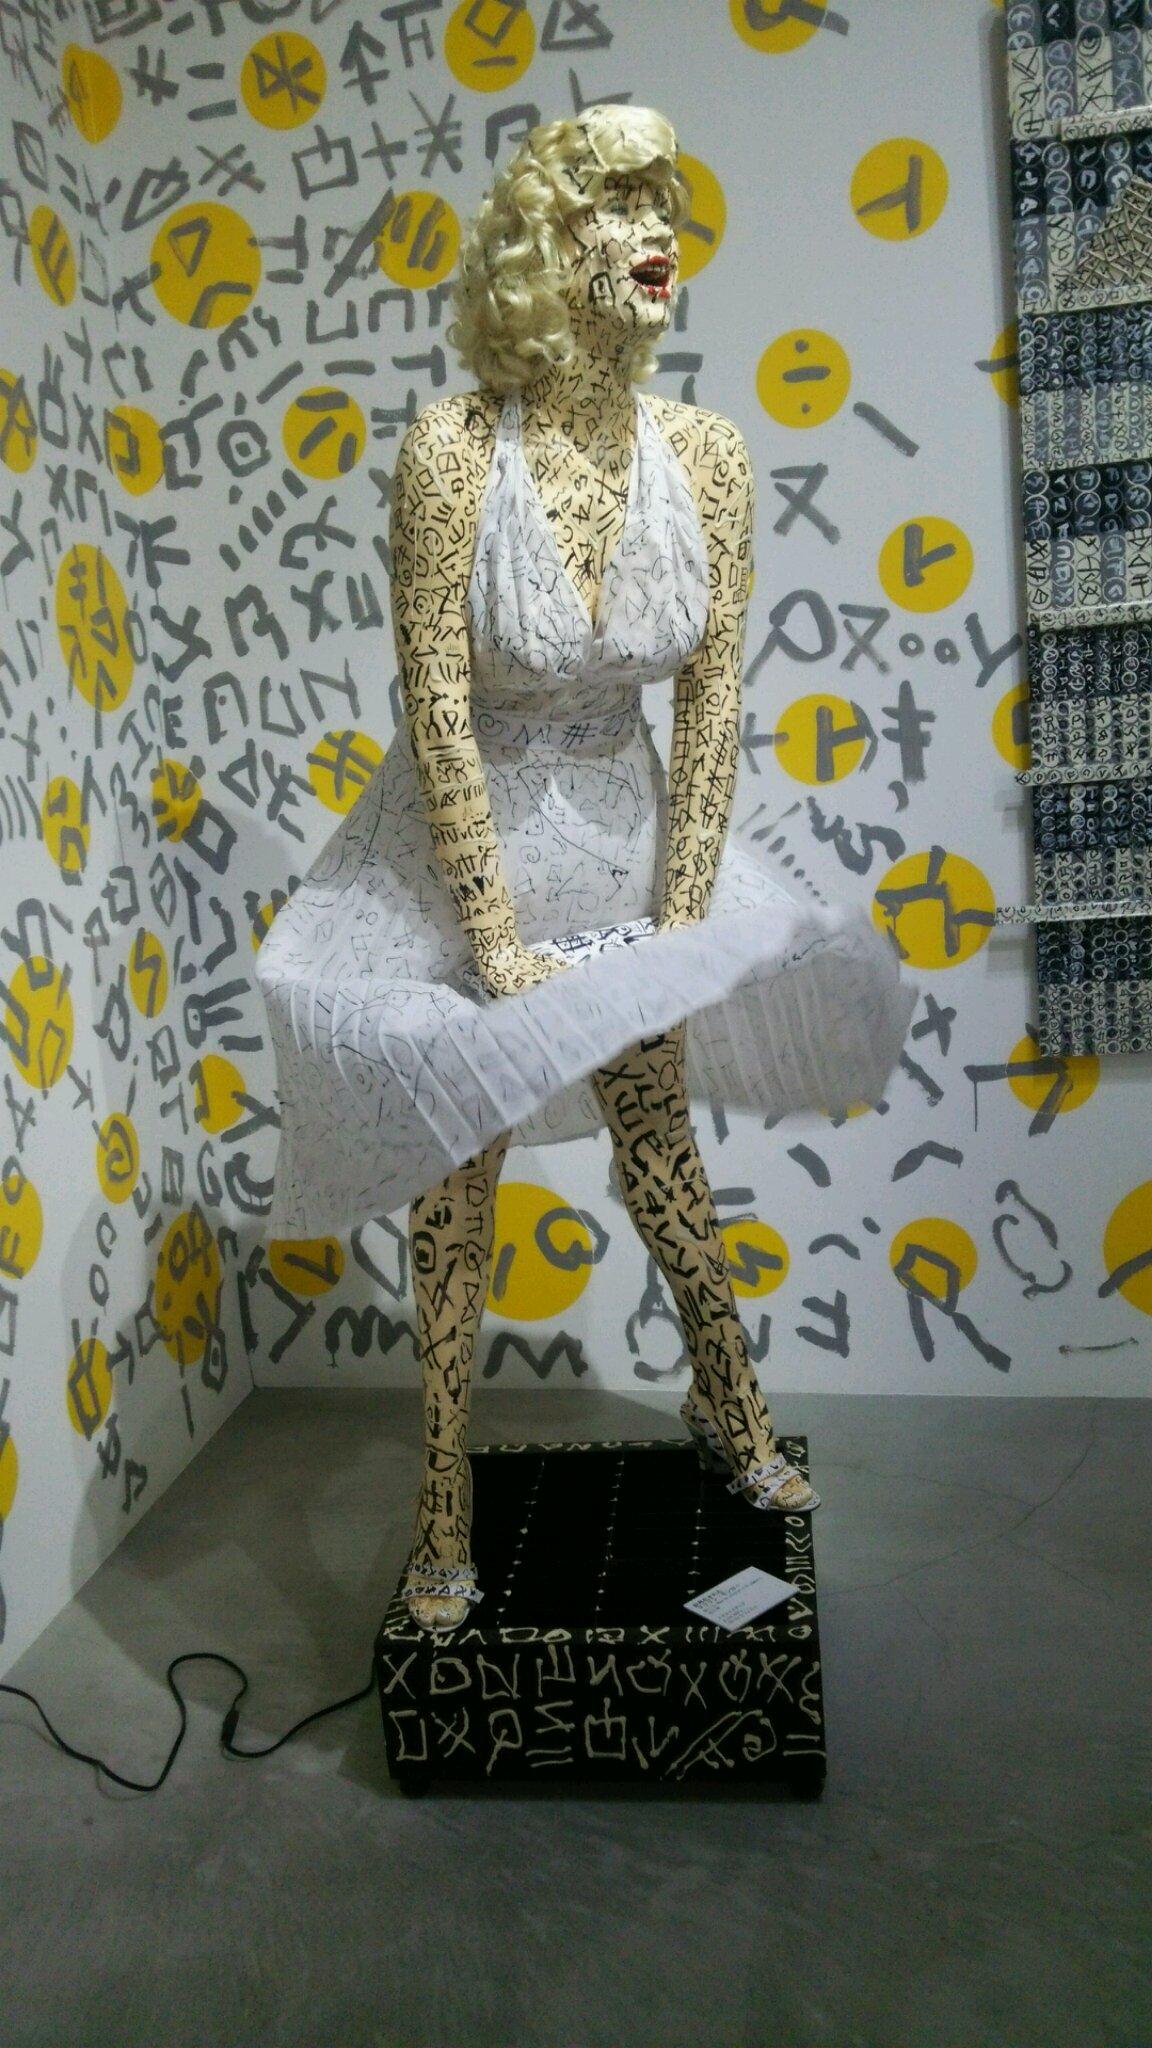 軽井沢ニューアートミュージアムに行きました。_e0119092_1137509.jpg